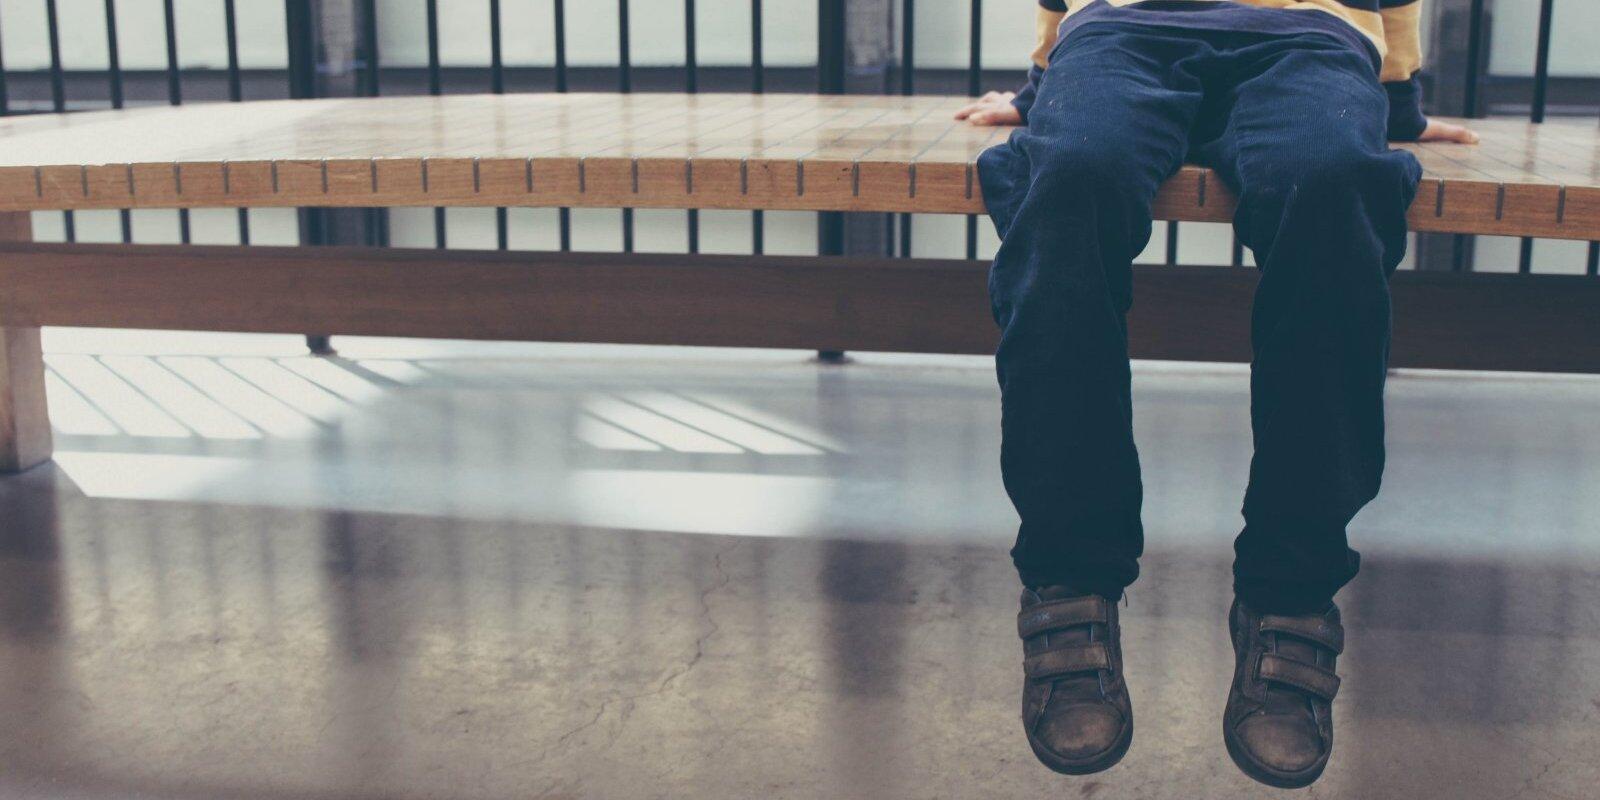 Будут бить, пока не надоест. Агрессивные дети или безразличные педагоги: в чем причина насилия в школах?